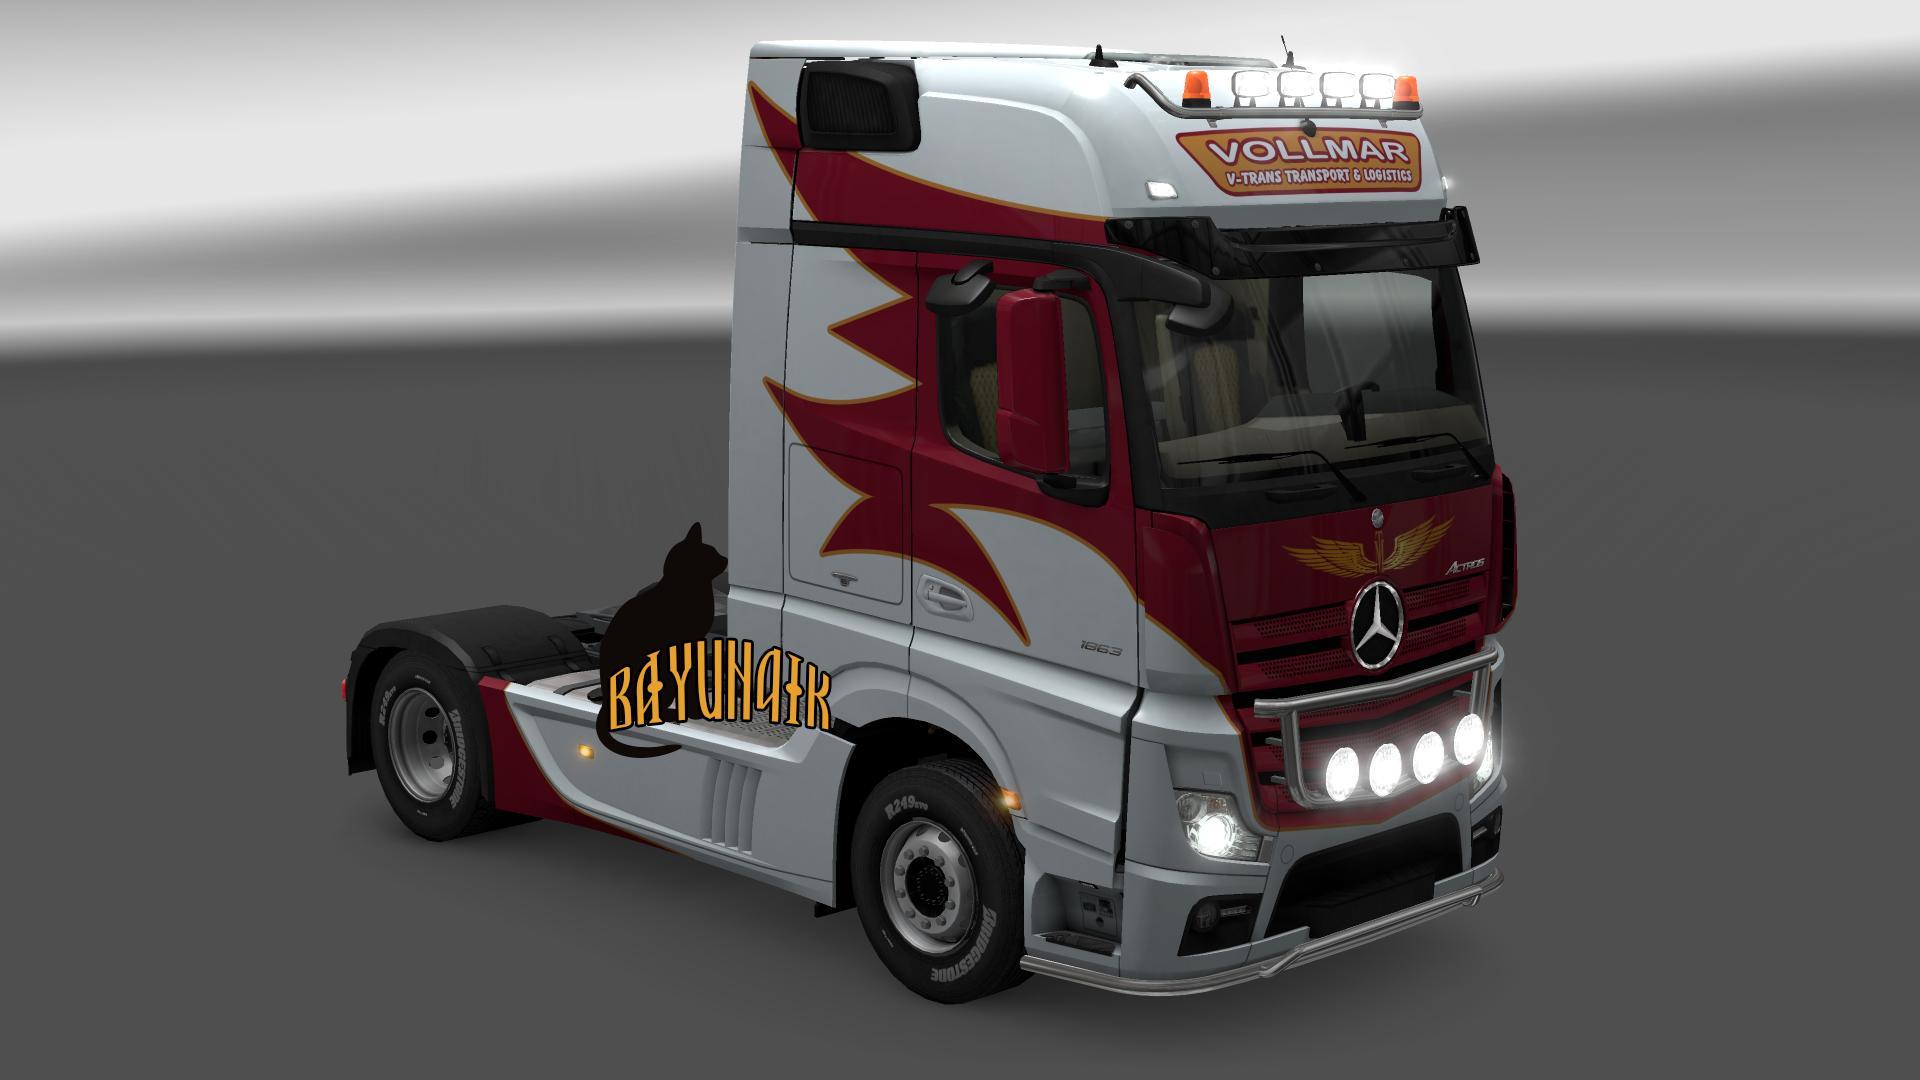 mercedes benz new actros vollmar skin 1.25 truck skin - ets2 mod